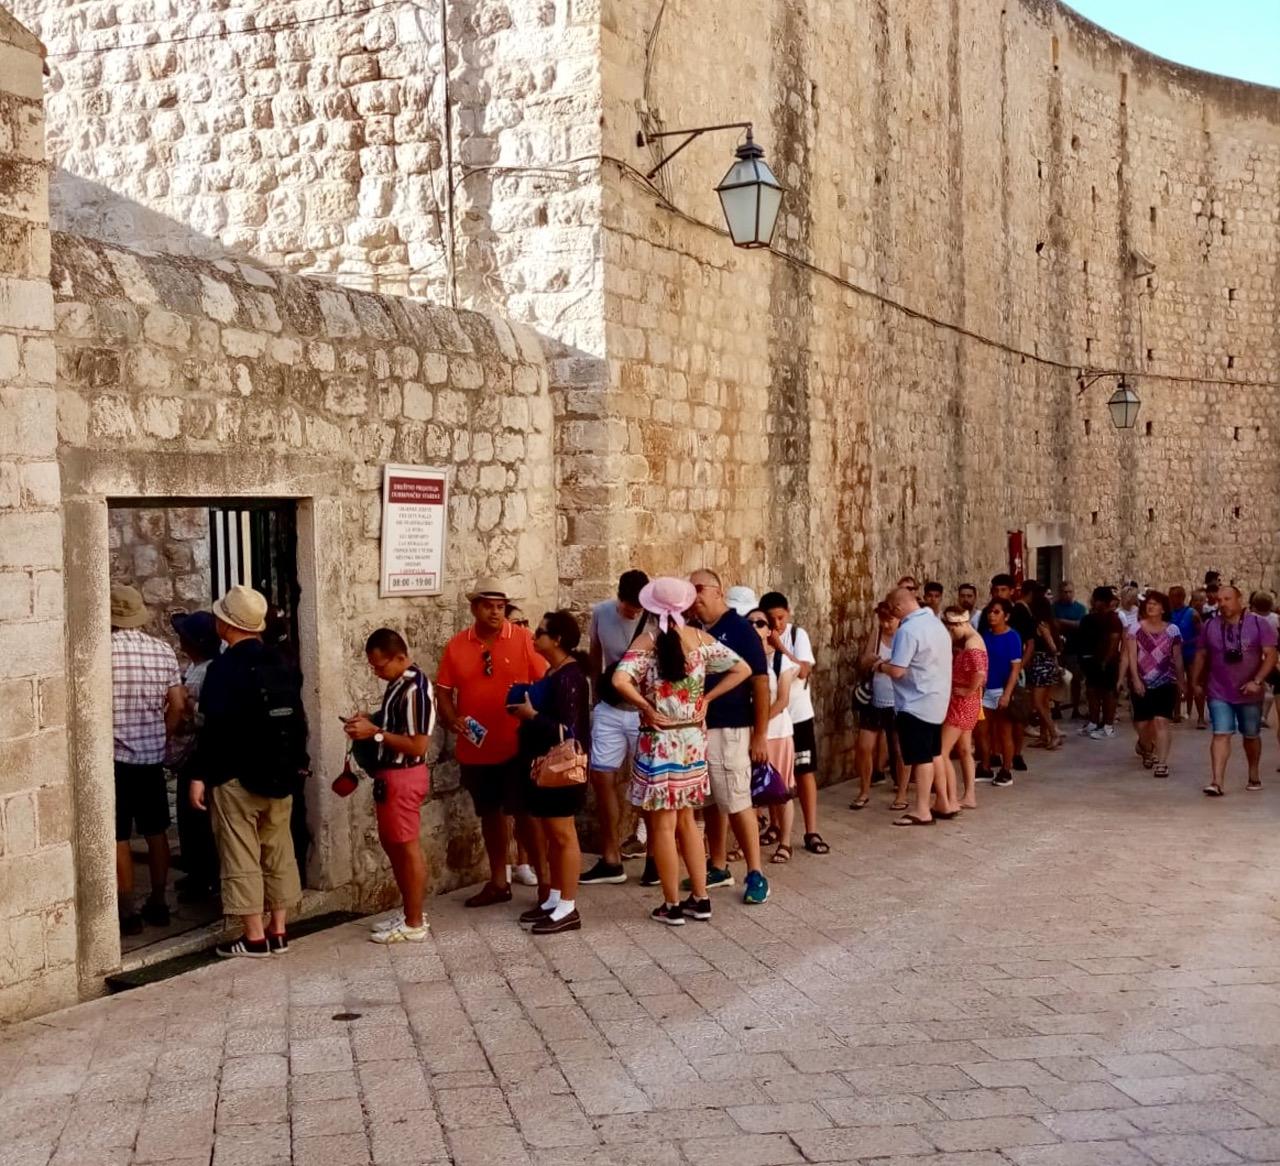 8am queue for the city walls…